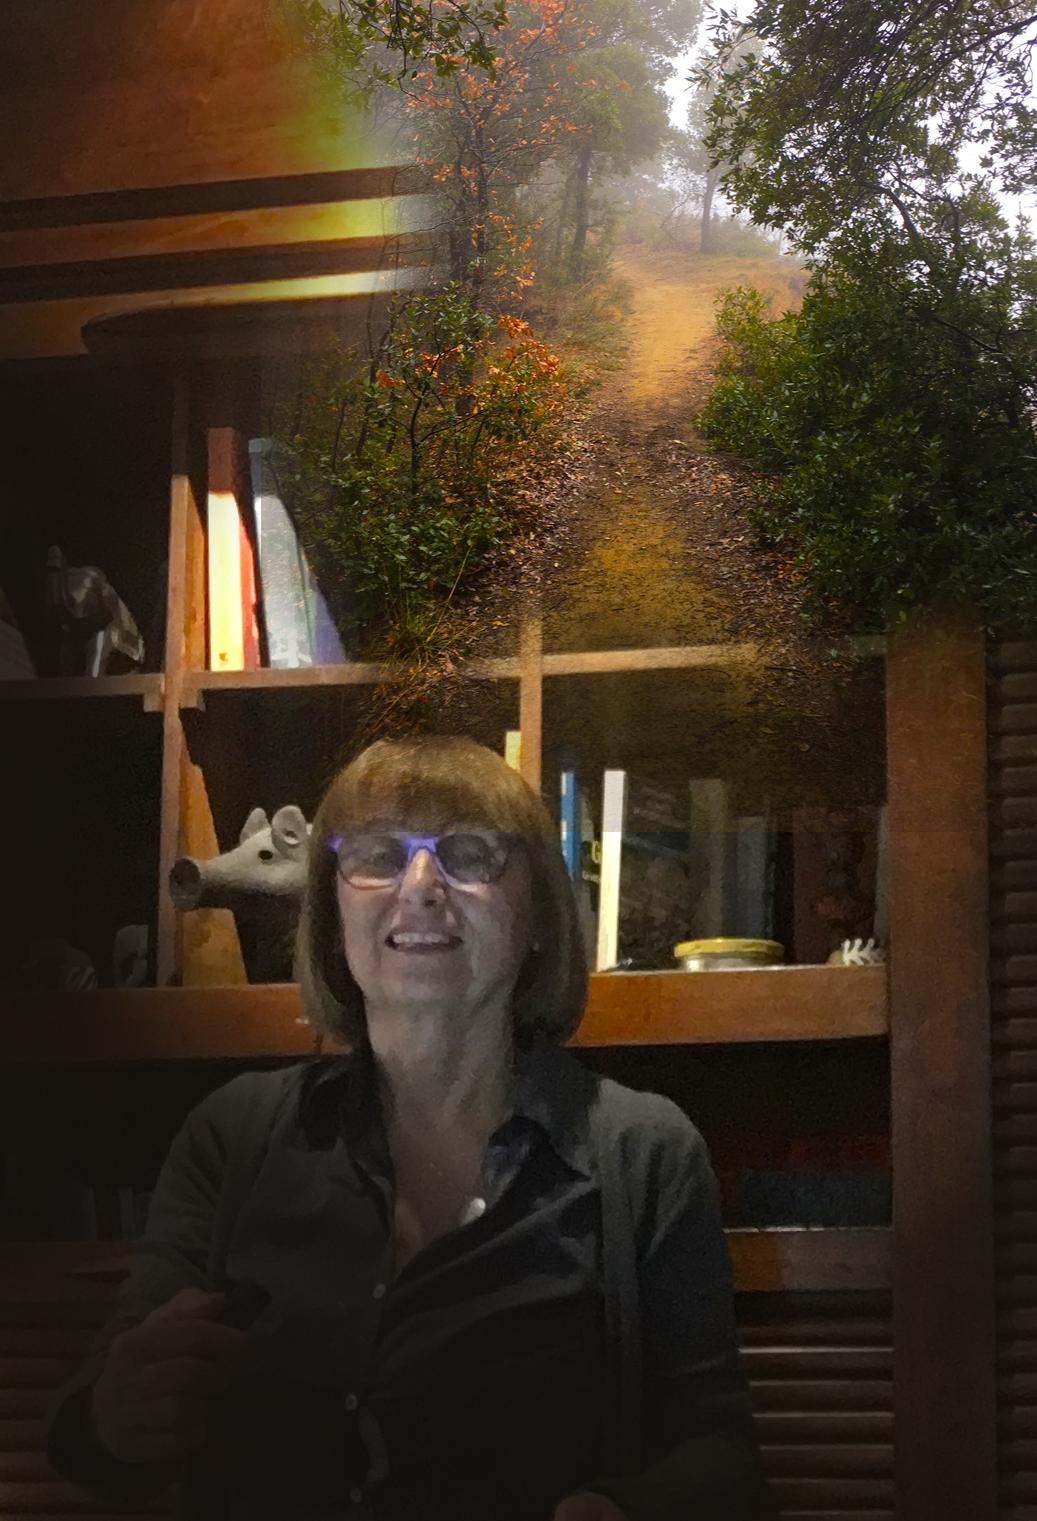 Foto con foglie rosse e io.jpg